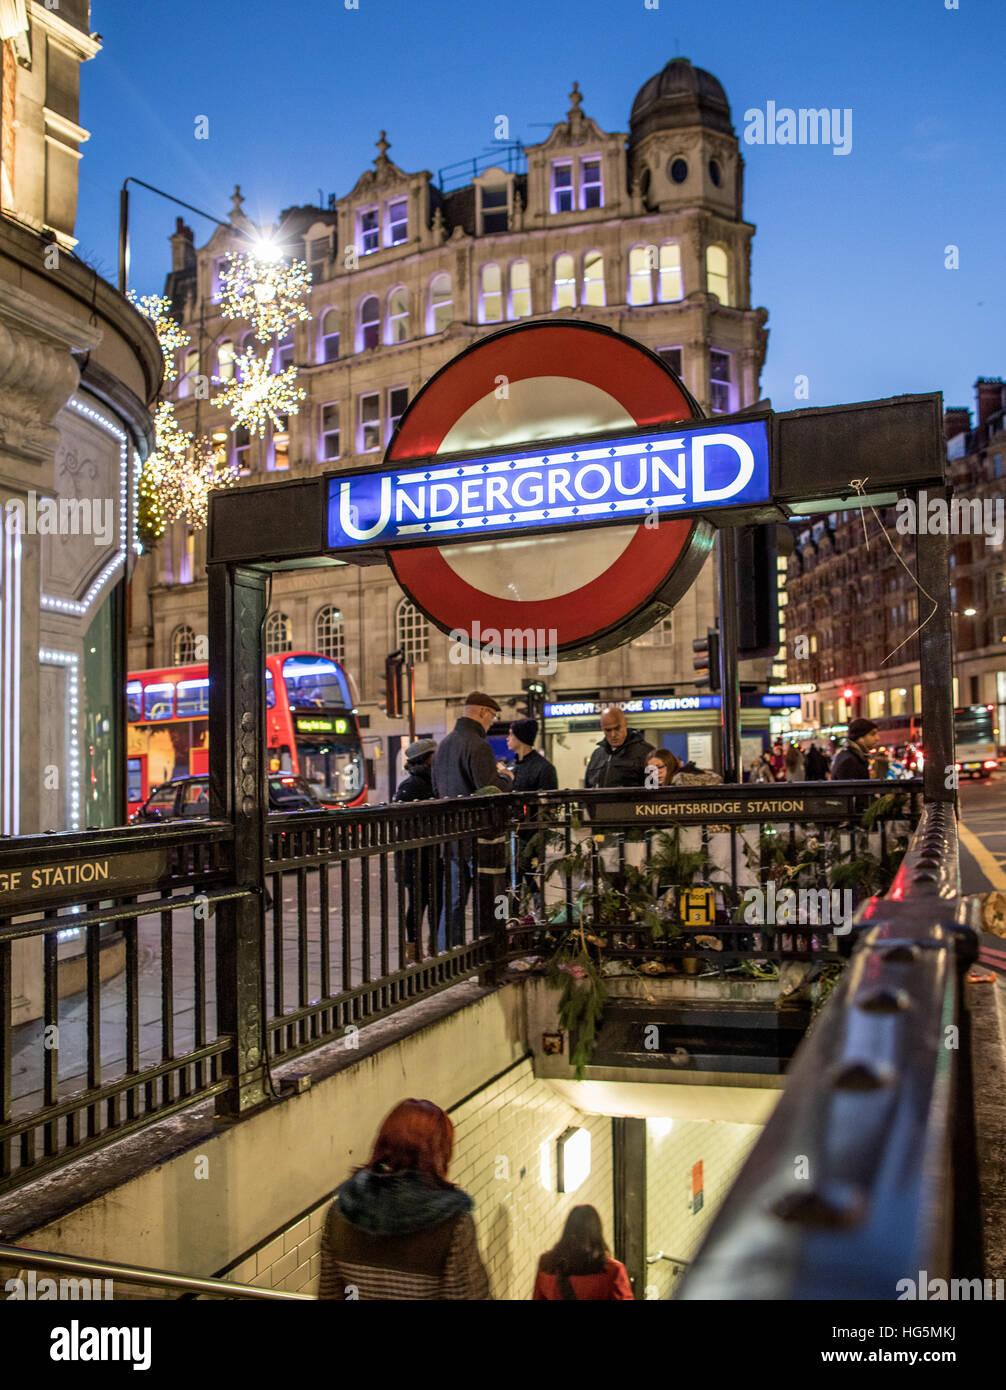 Knightsbridge Underground Station London UK - Stock Image